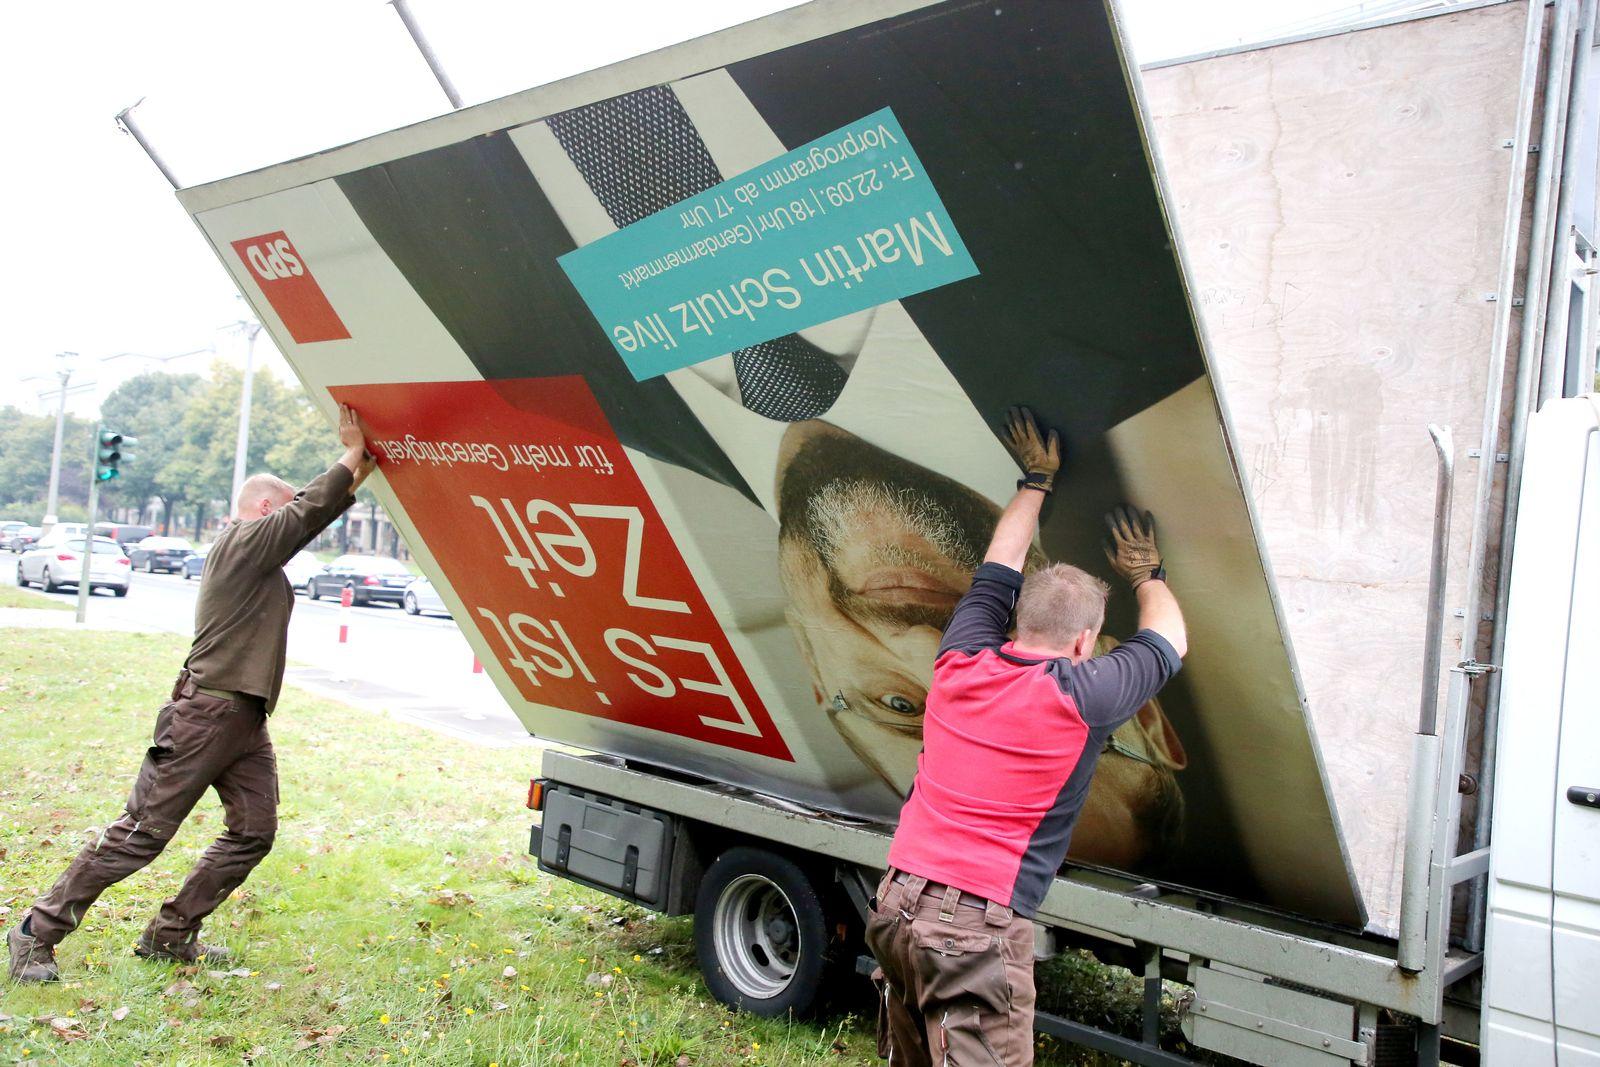 SPD-Wahlplakat / Bundestagswahl